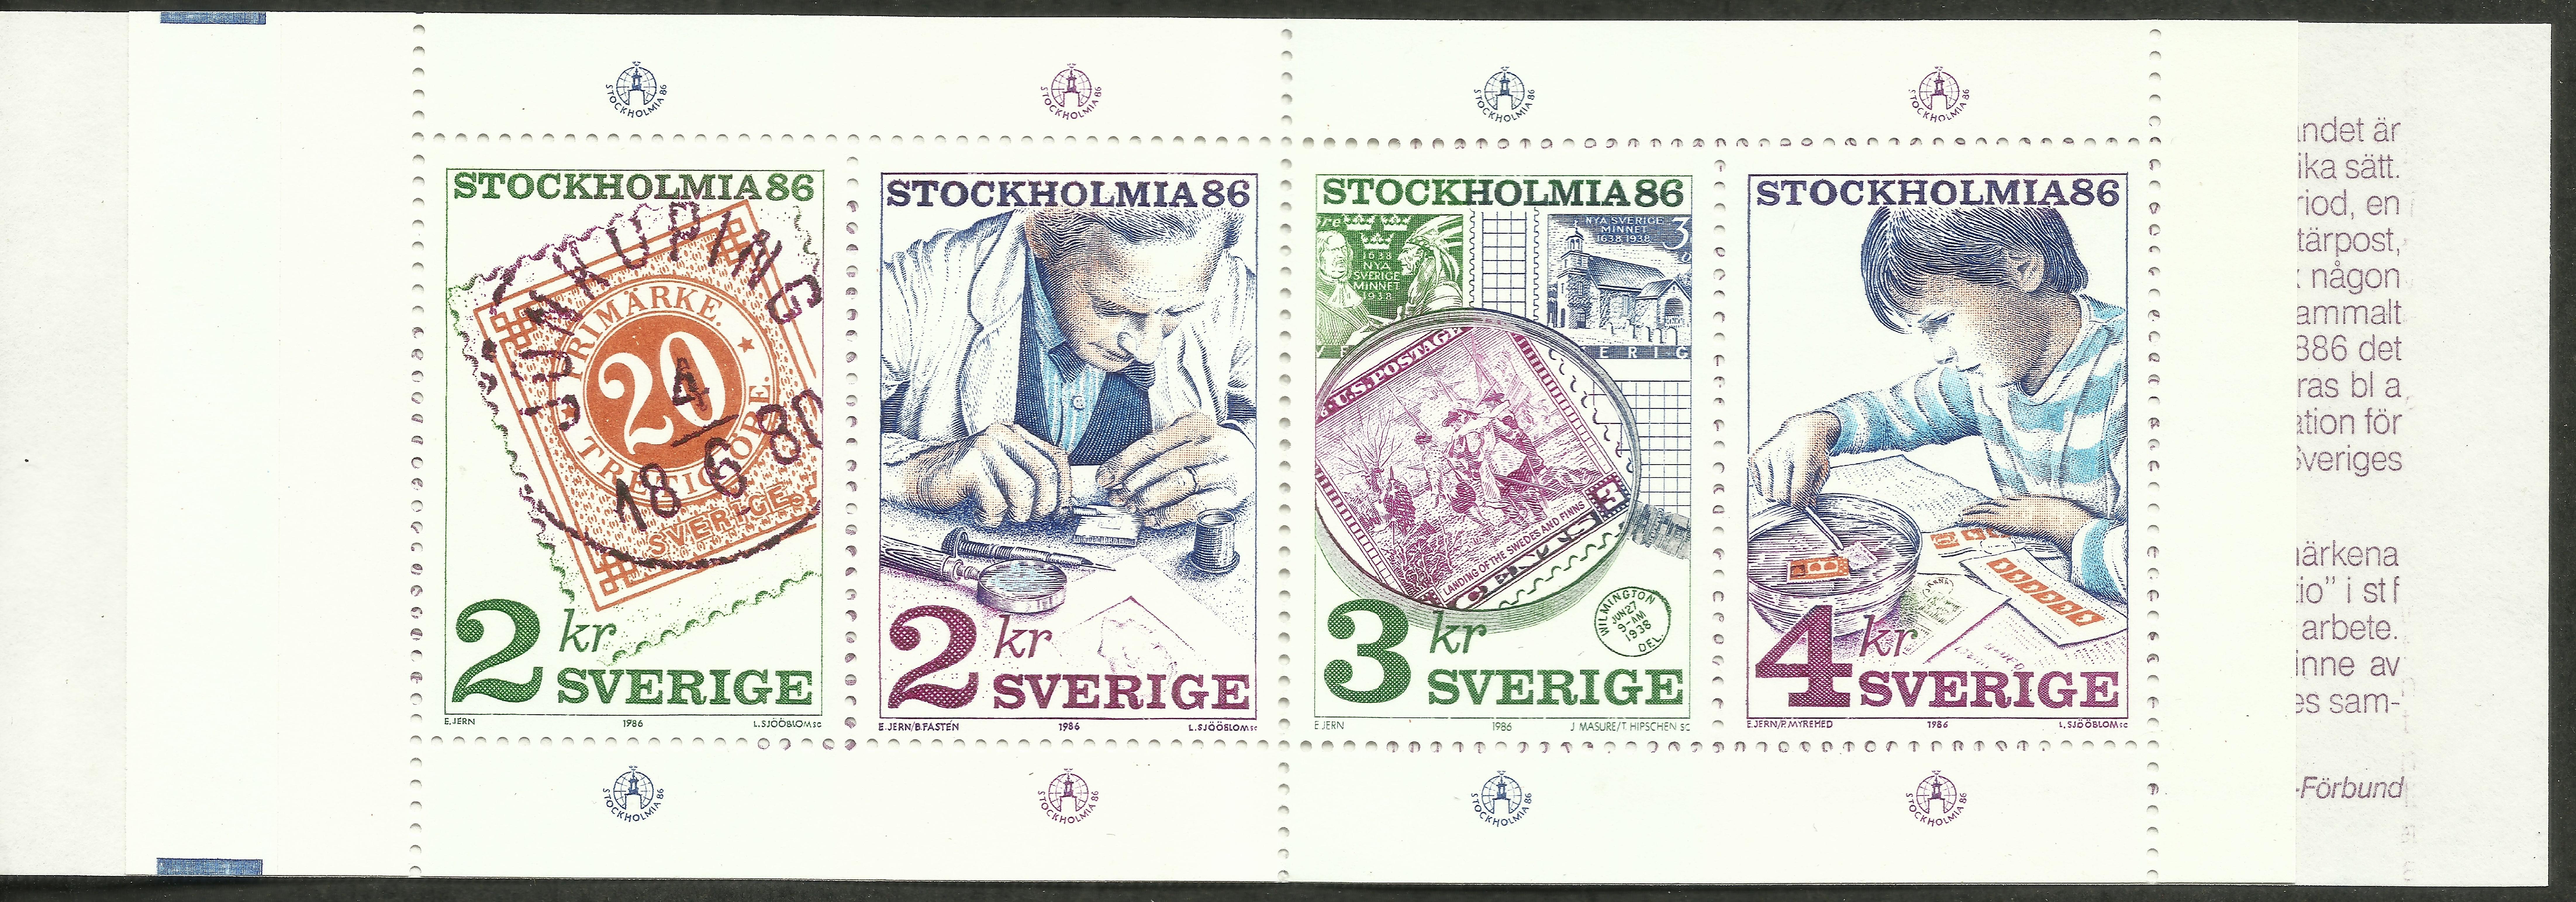 Sweden - Scott #1588a (1986)